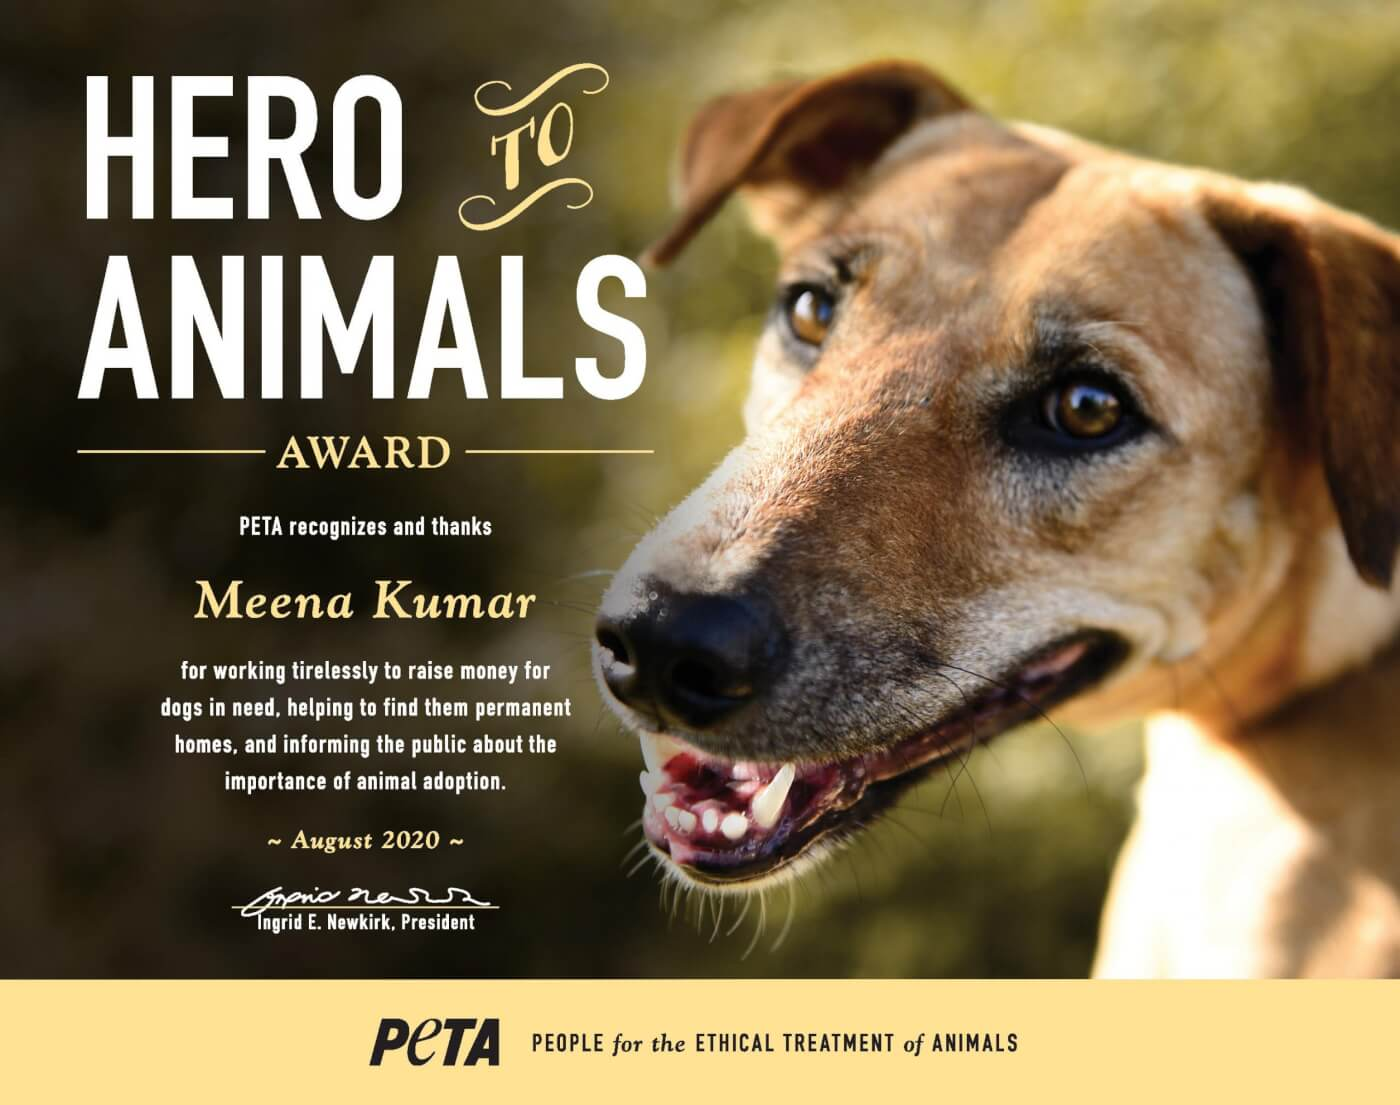 Hero to animals - Meena Kumar